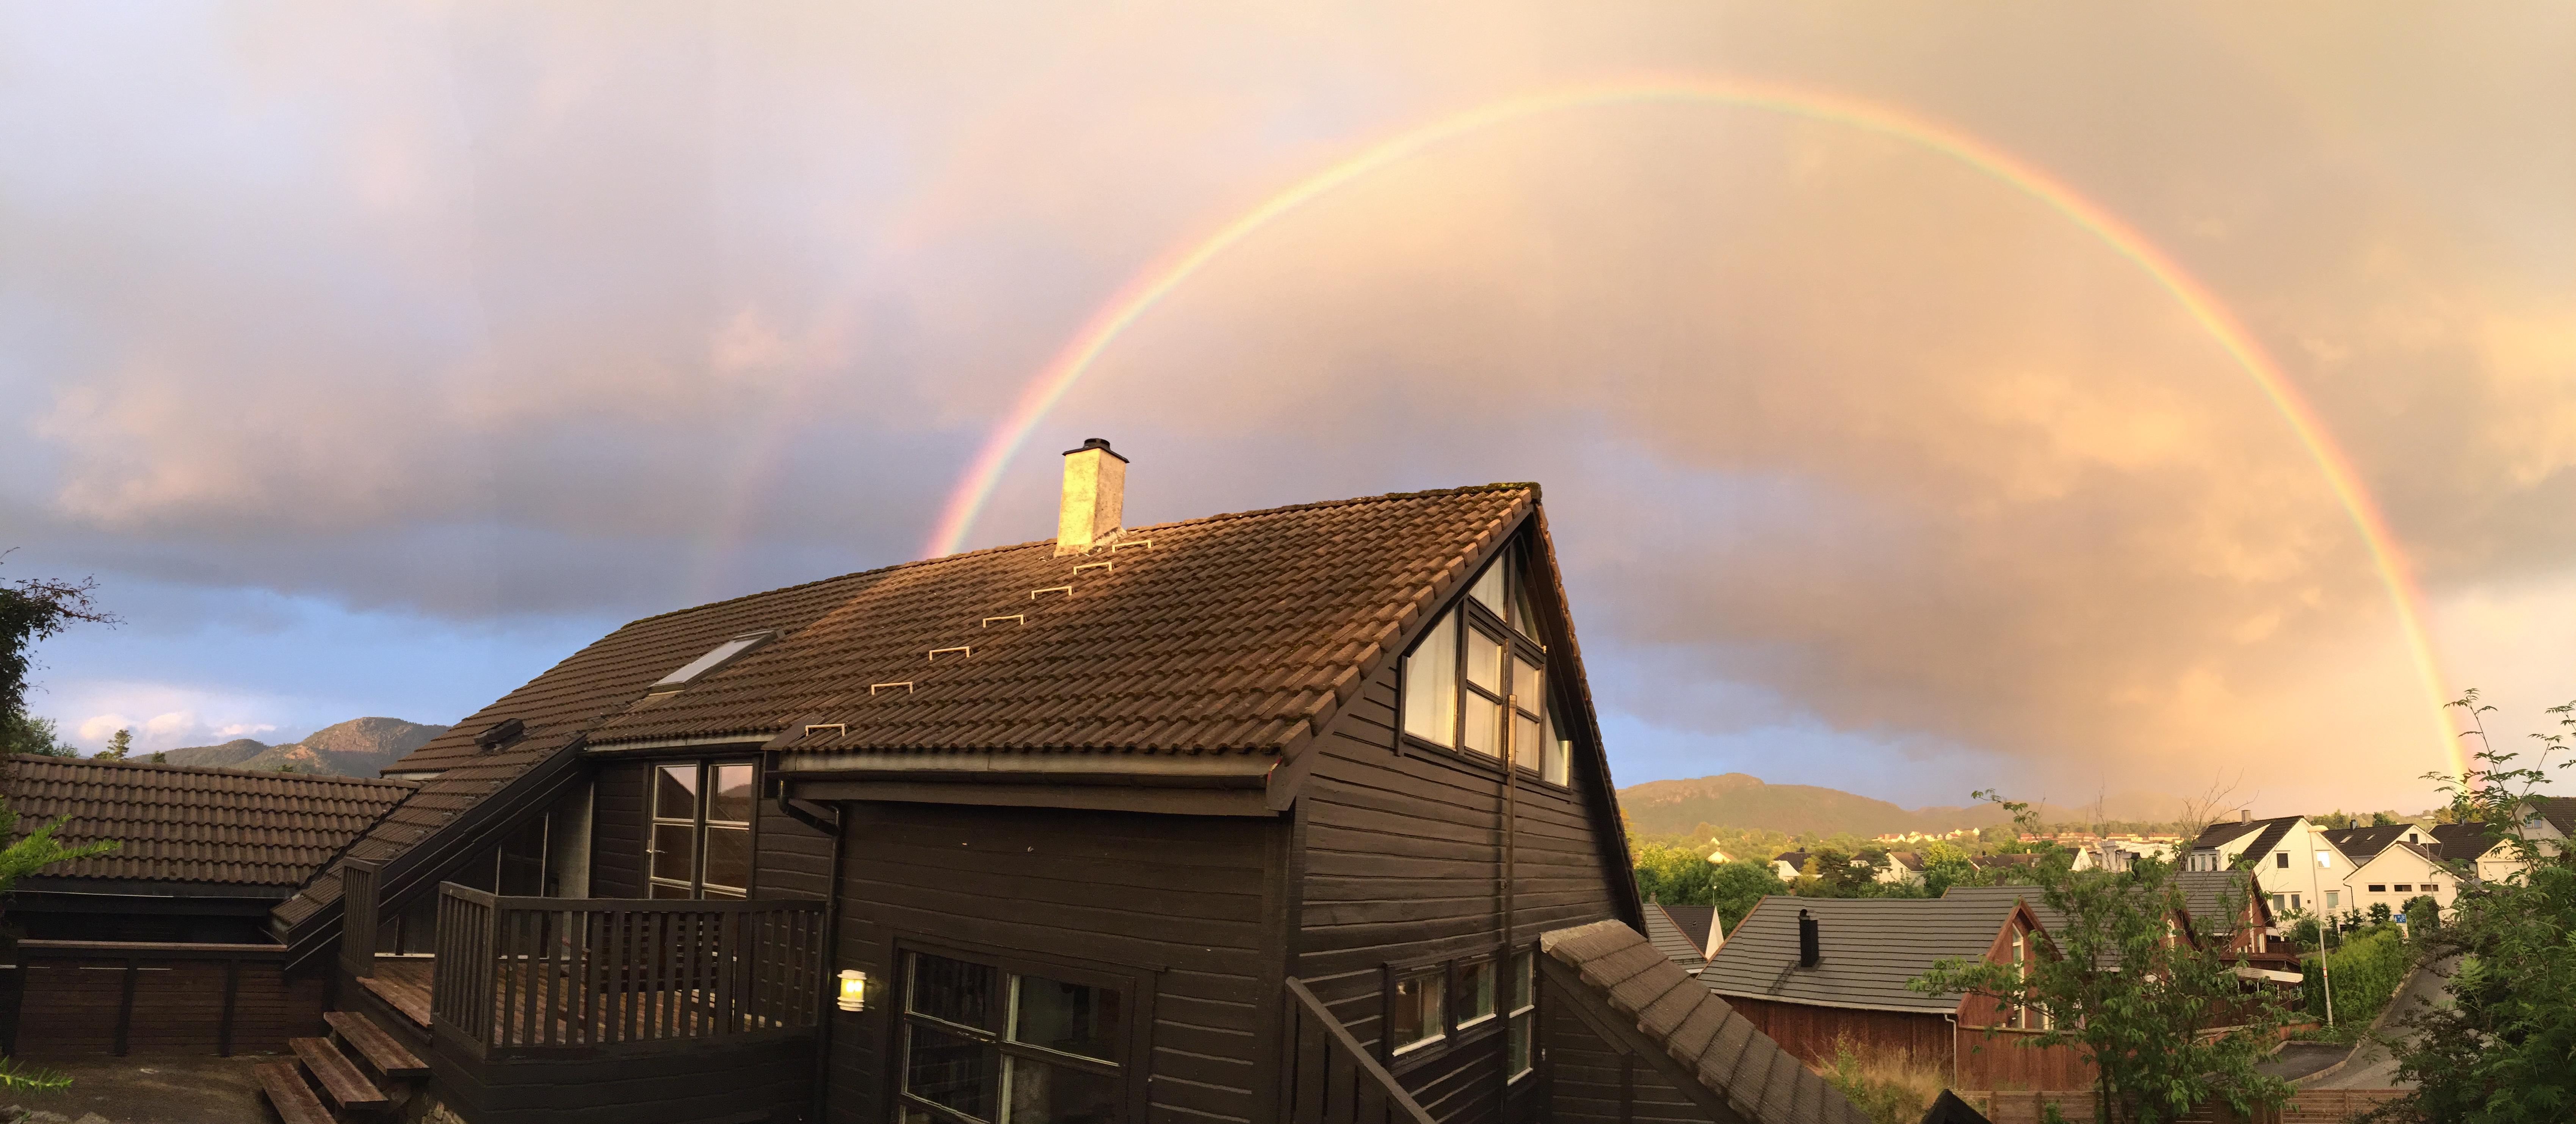 Regnbuen over steinskjellveien 13 hommersåk